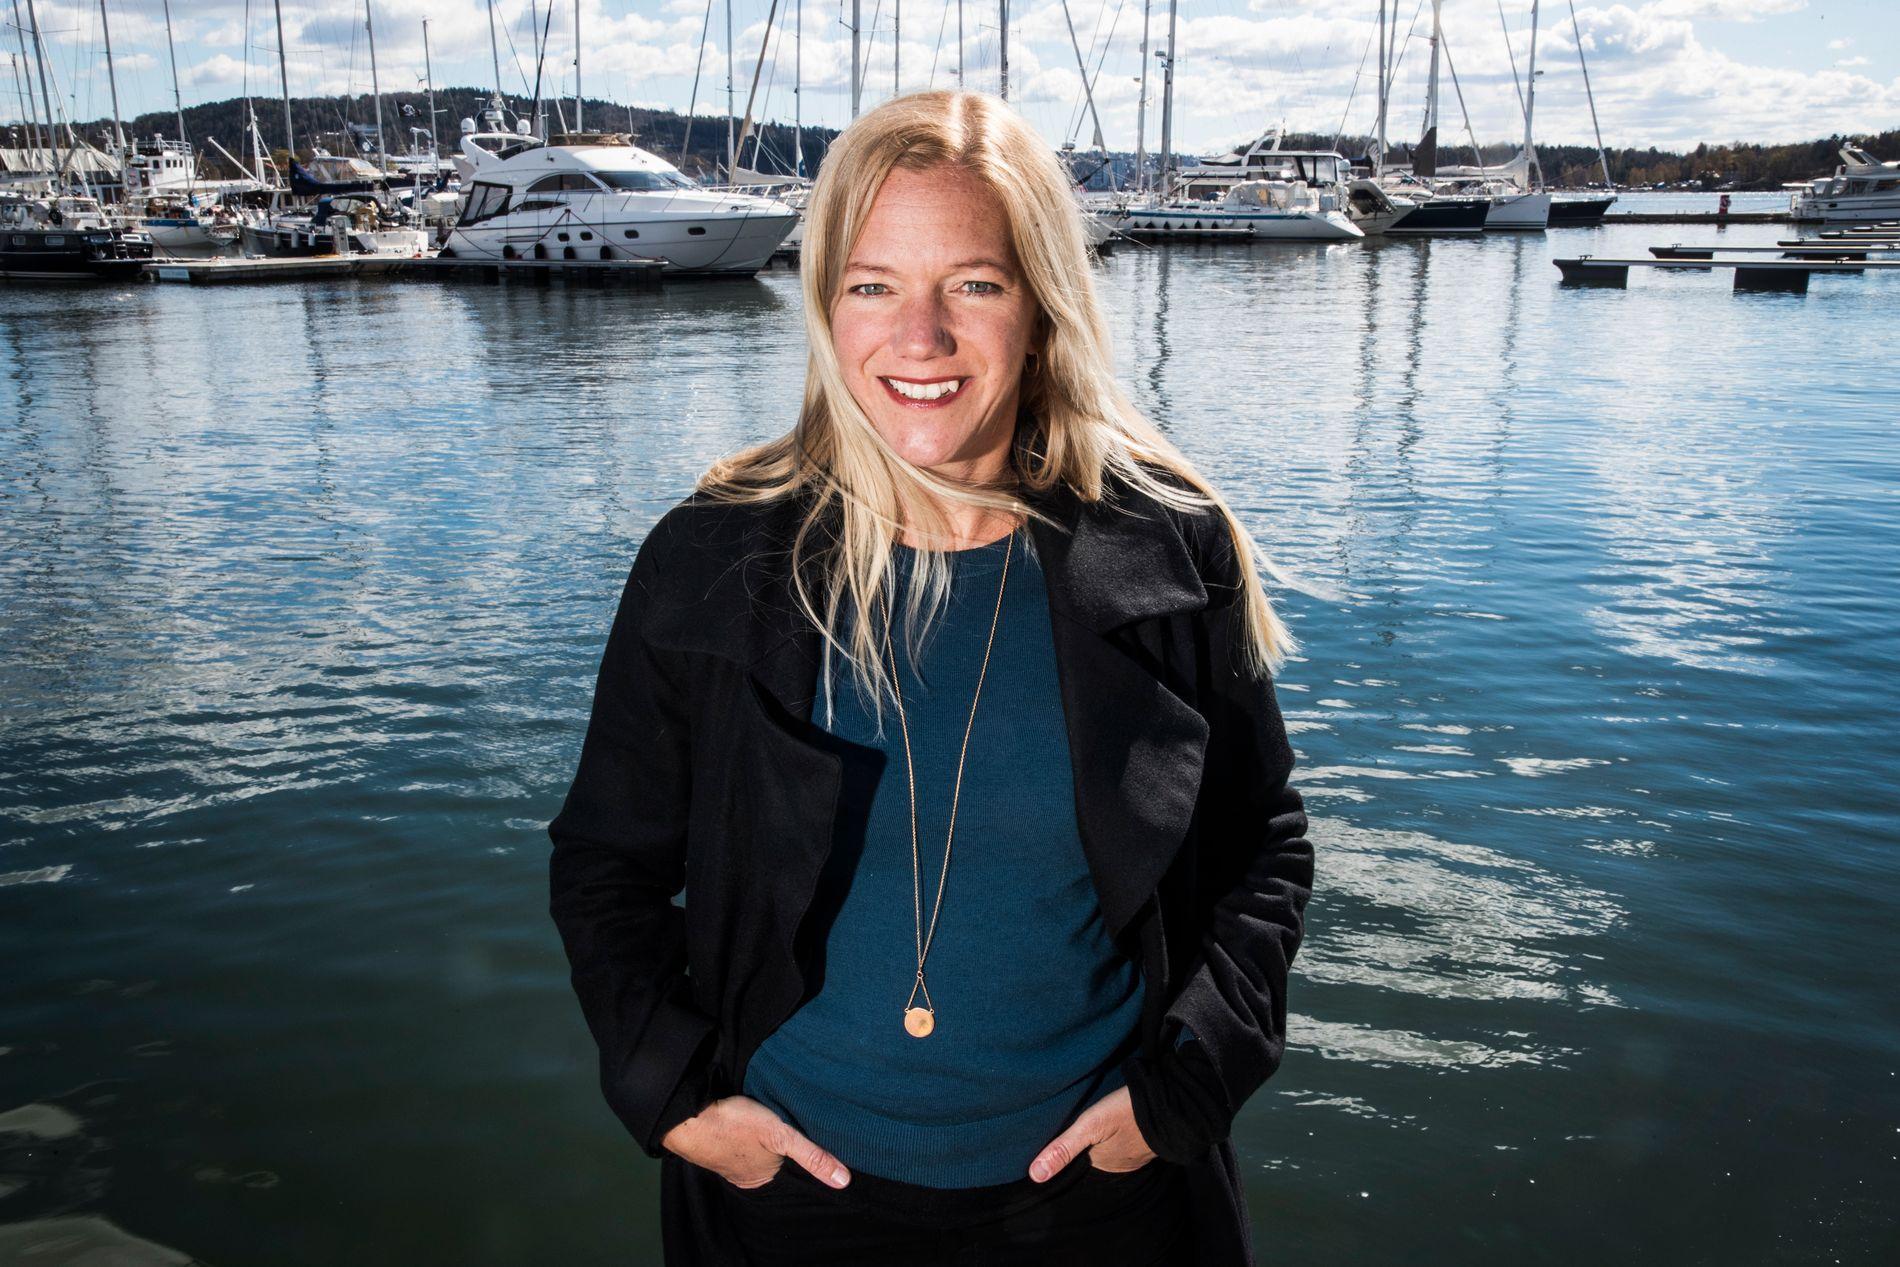 HISTORISK: Maja Lunde har ligget et år sammenhengende på den tyske bestselgerlisten - det er det kun Jostein Gaarder som har klart tidligere av norske forfattere (med «Sofies verden»). Hun har nå solgt bøker for nærmere 100 millioner kroner i Tyskland alene.